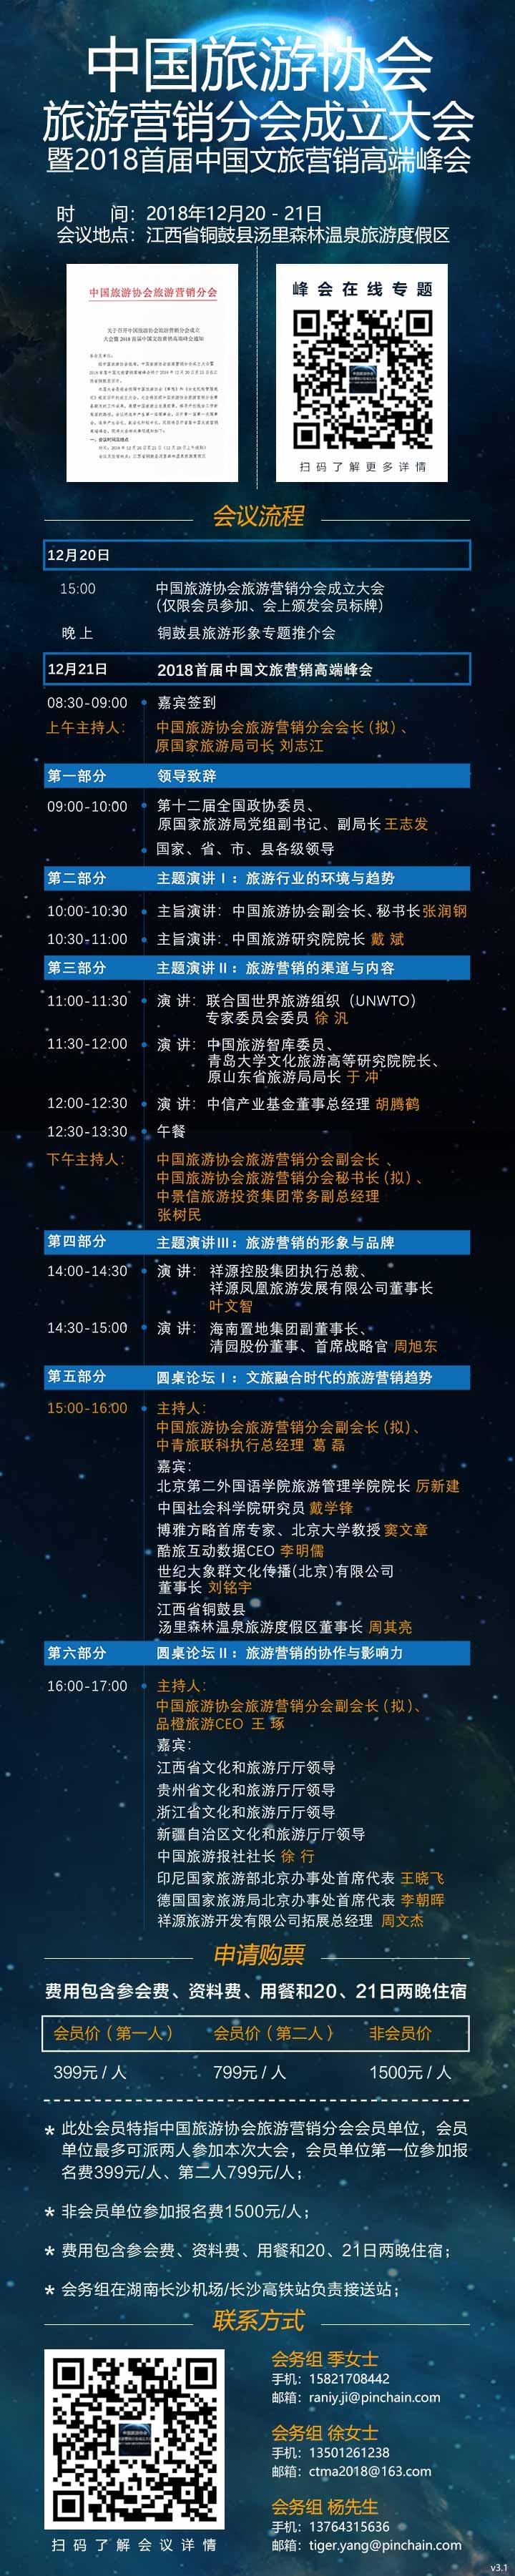 中国旅游协会旅游营销分会首届日程V3.1